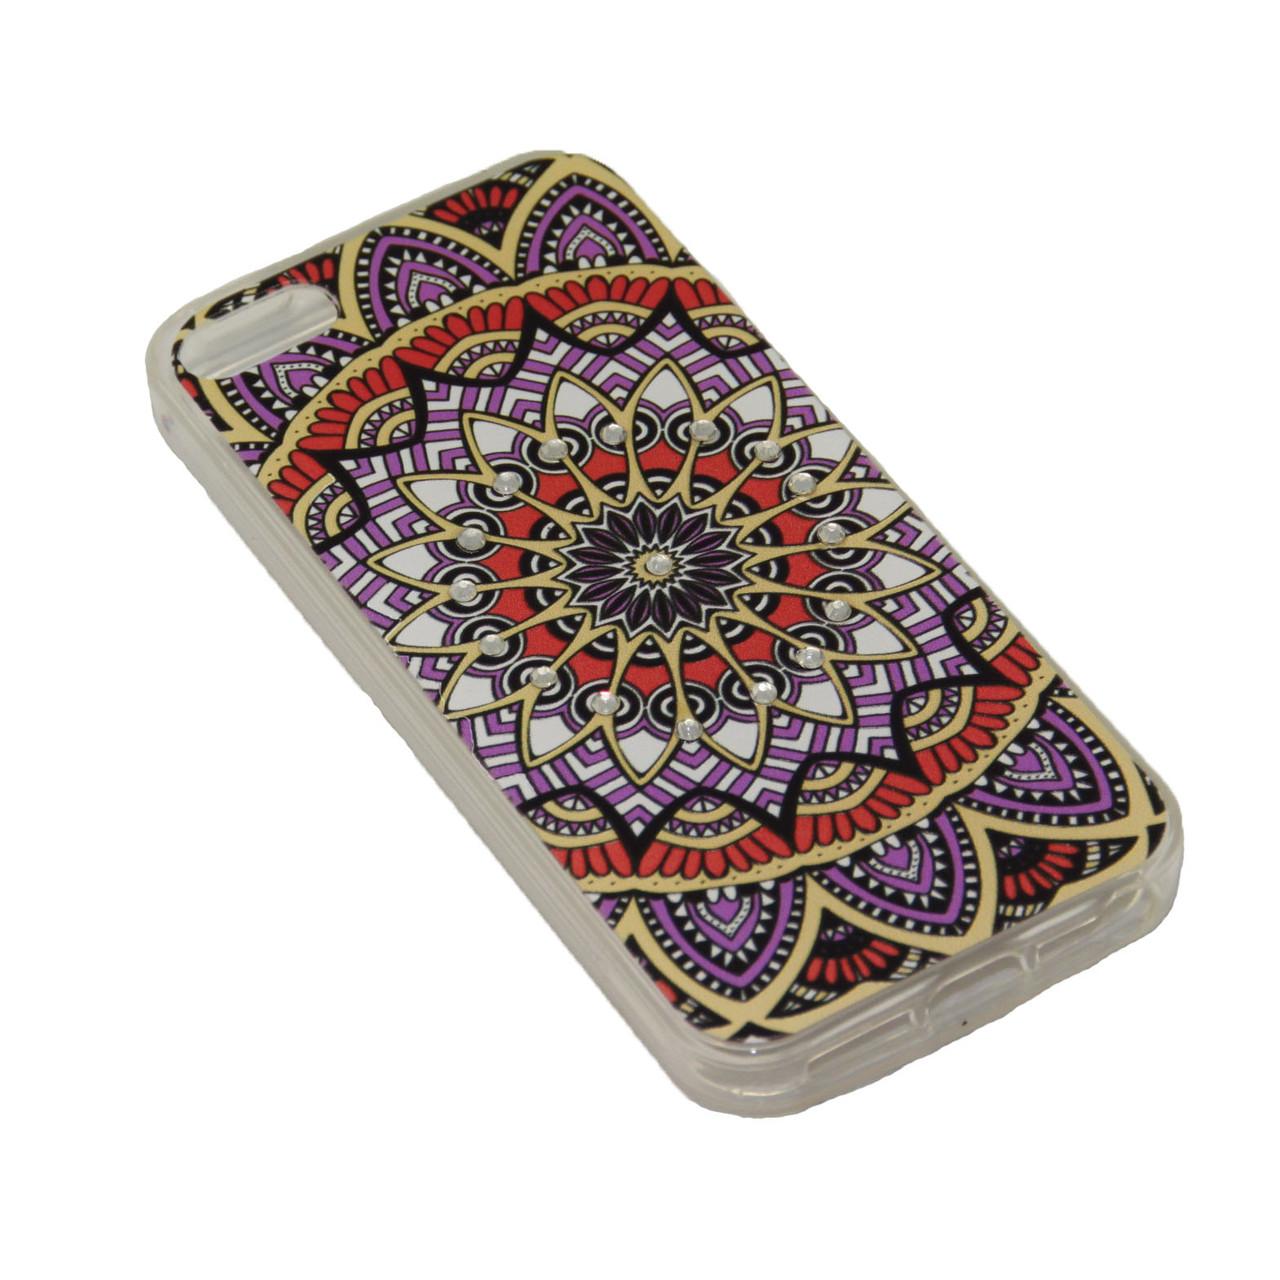 Чехол Fashion Силикон Стразы iPhone 7 Plus - фото 3